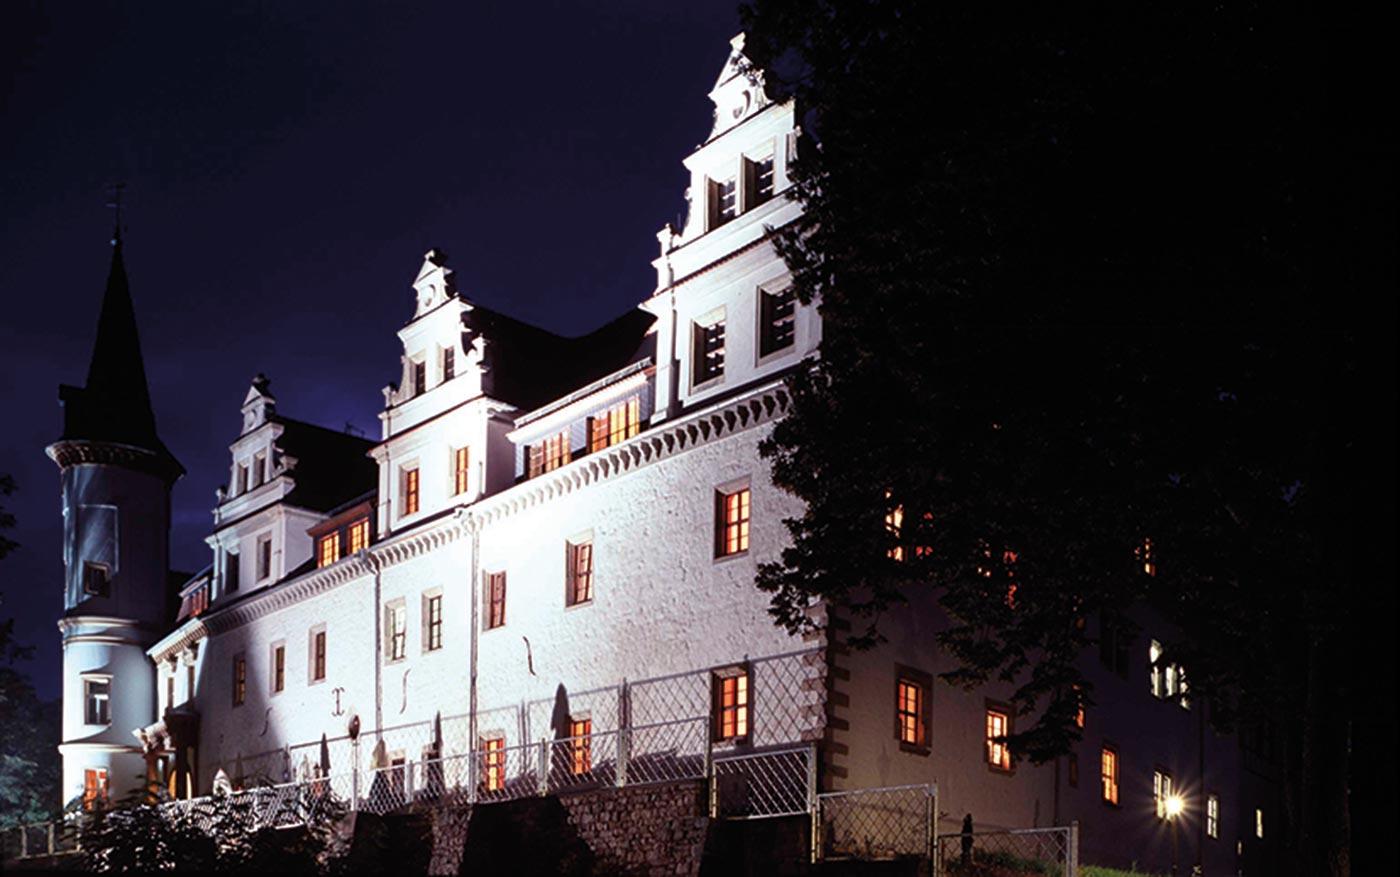 Schlosshotel Schkopau in Schkopau